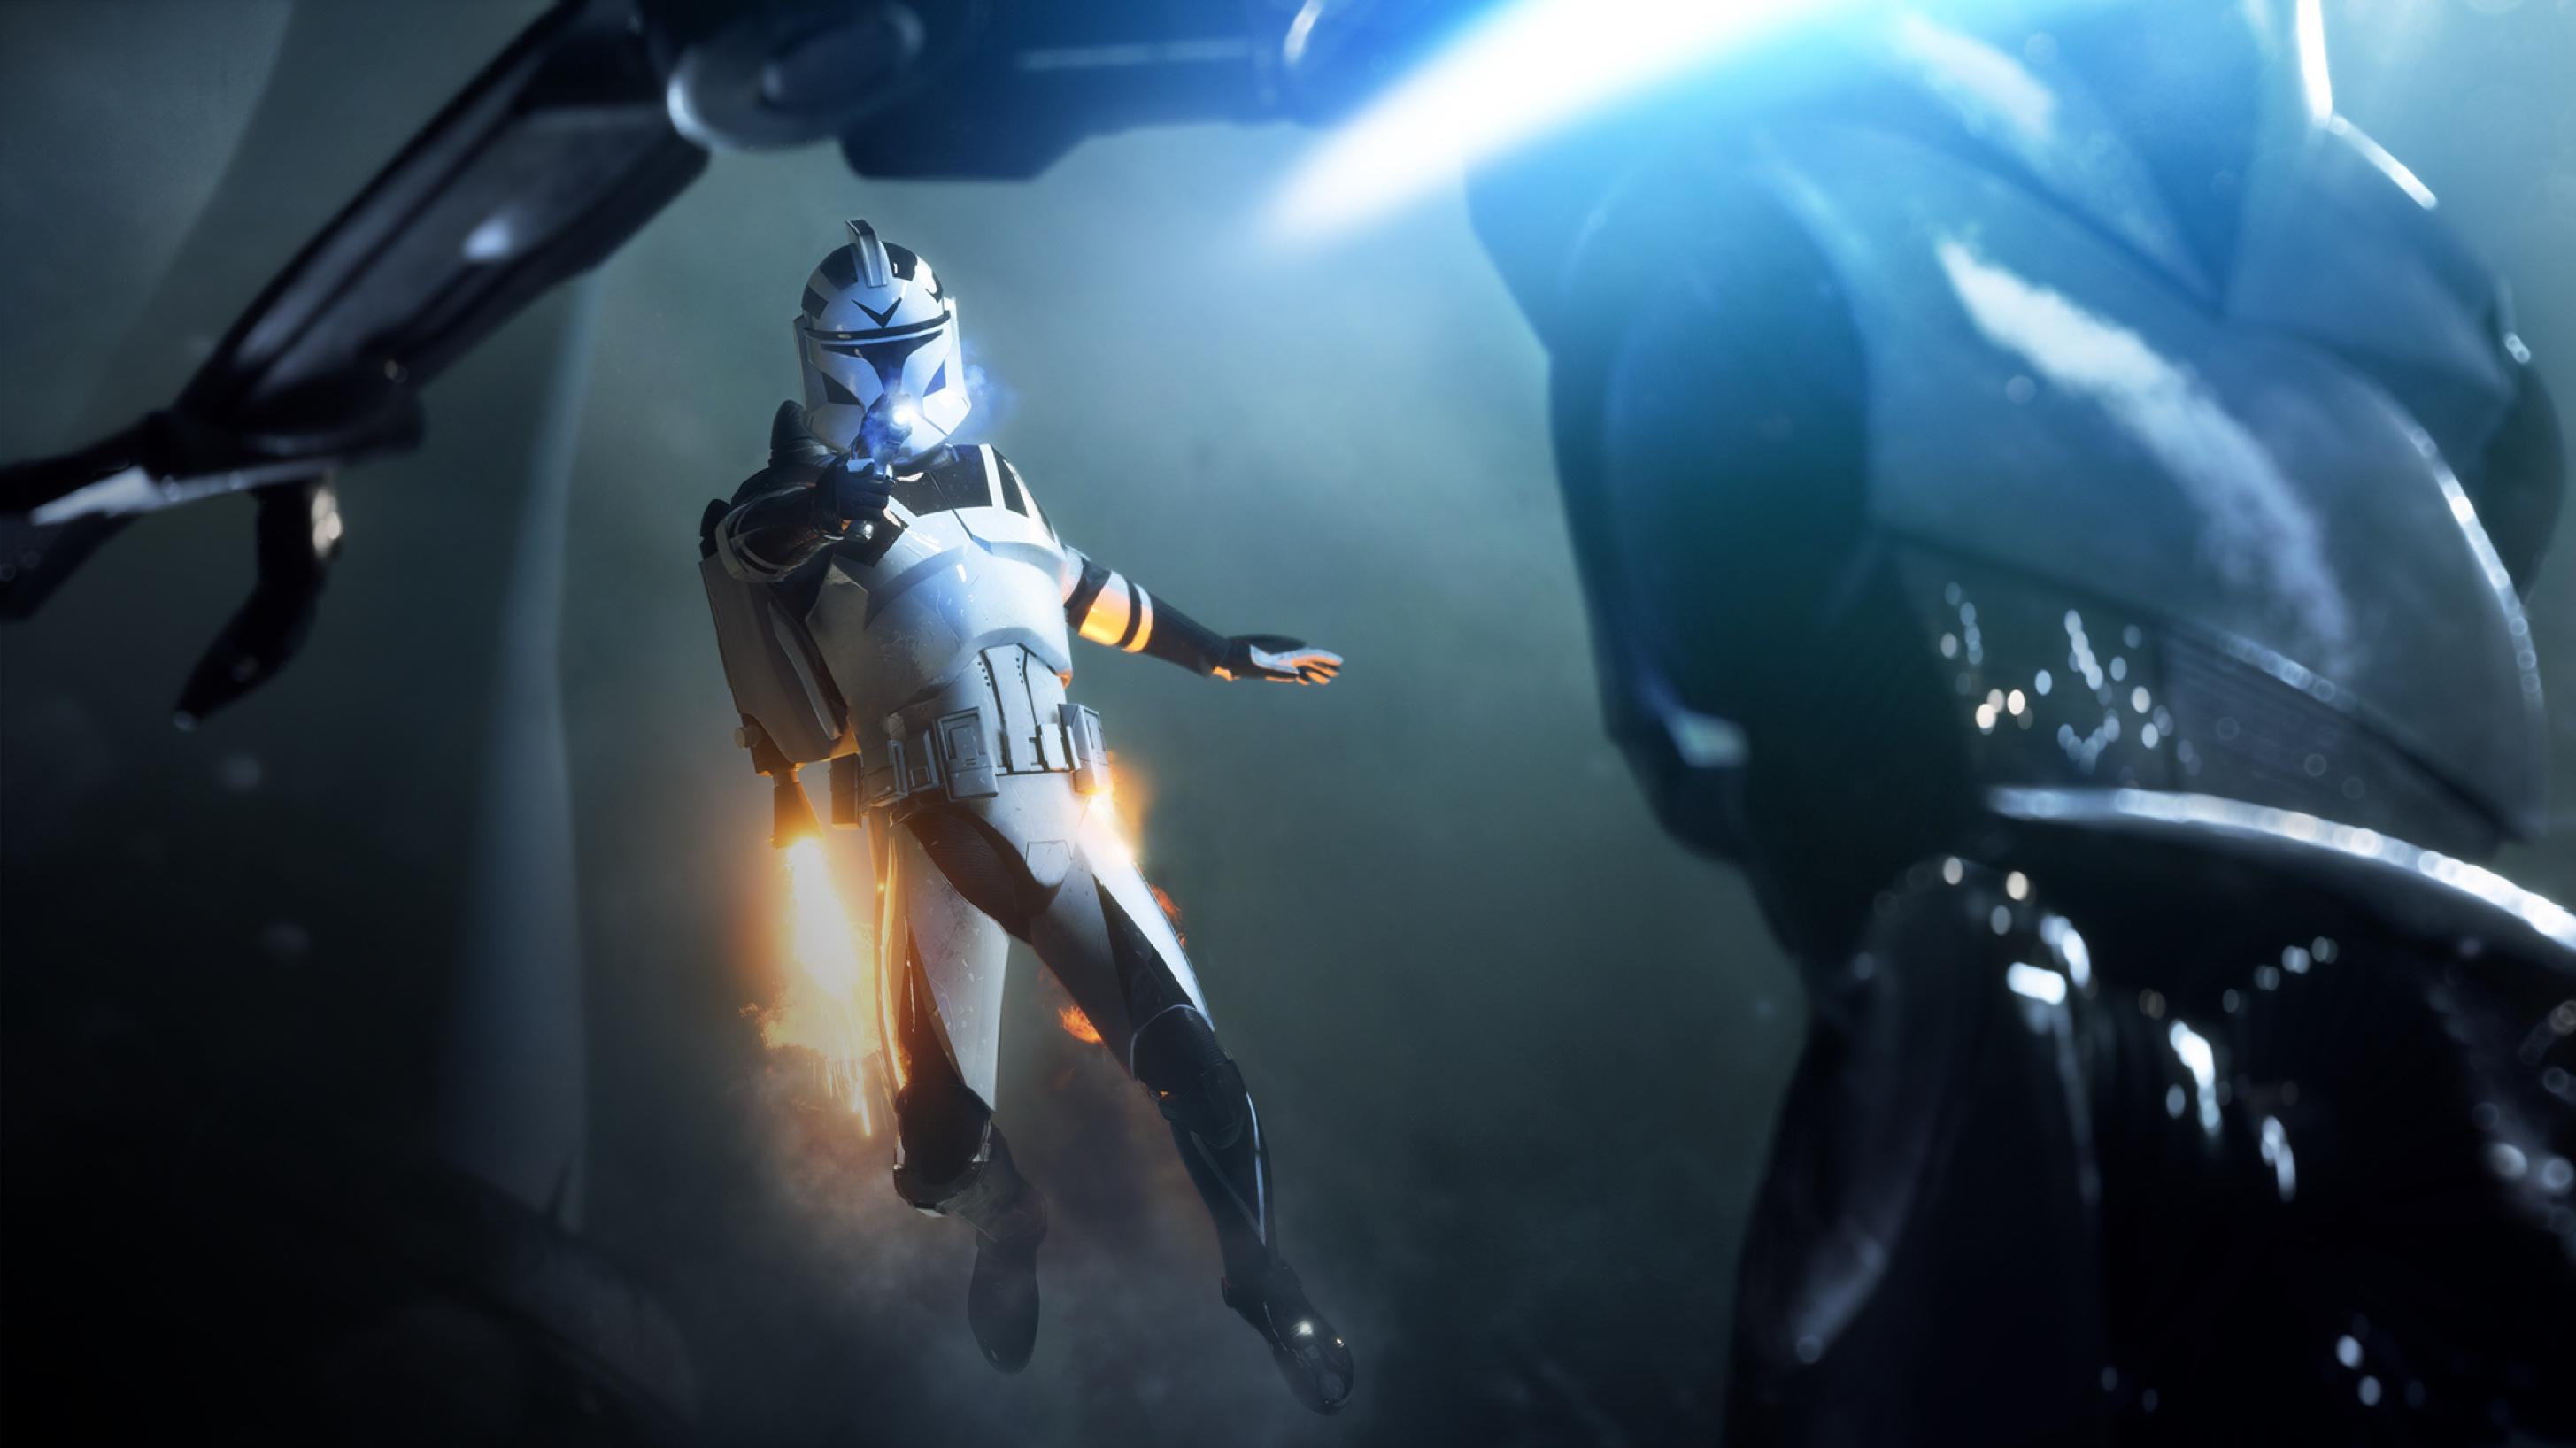 star-wars-ea-battlefront-2-wallpaper-hd-hi-res-12.jpg - Star Wars: Battlefront 2 (2017)